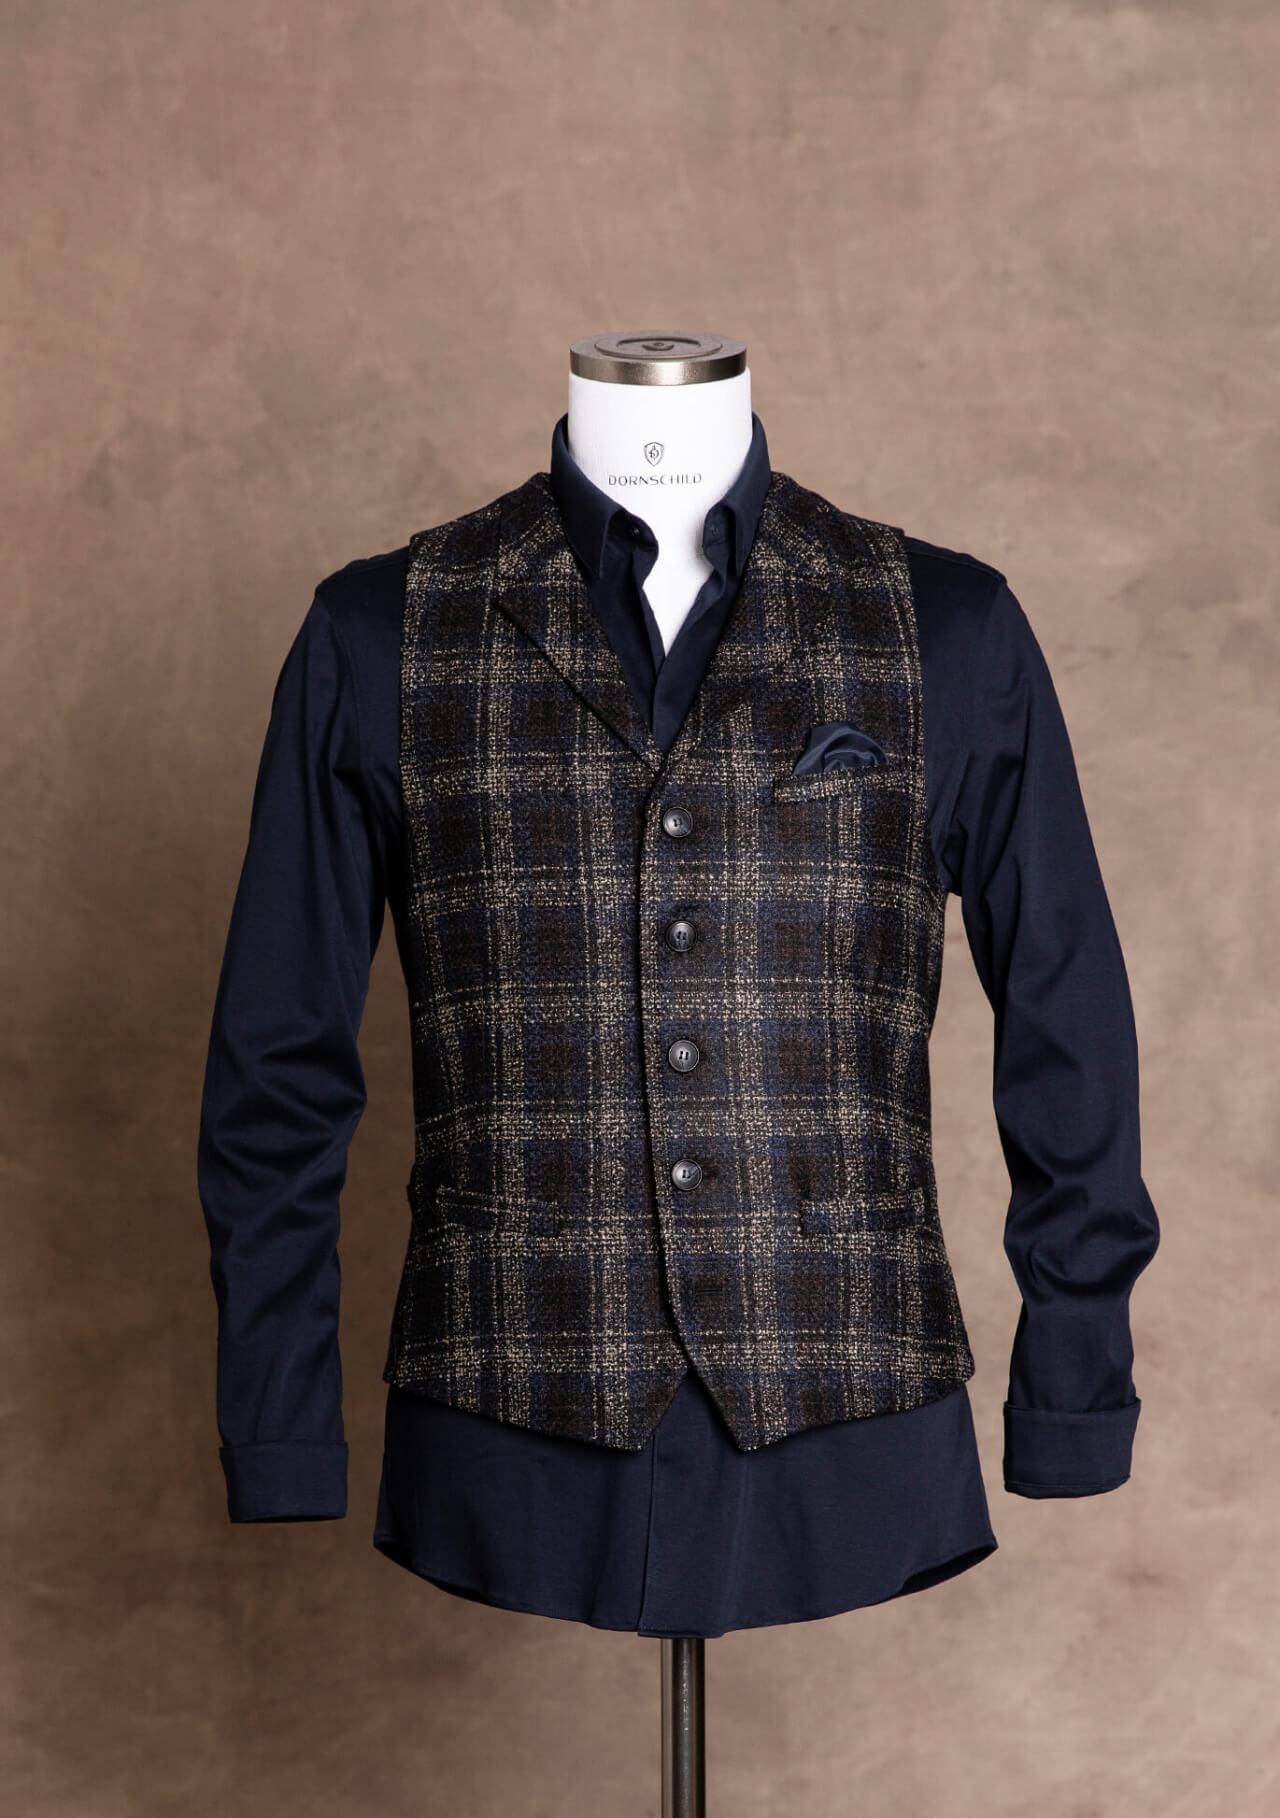 Edle und stilvolle Premium Herren Weste Gilet von DORNSCHILD Schwarz Blau kariert mit feinen Streifen in Cognac aus feistem italienischen Stoff.